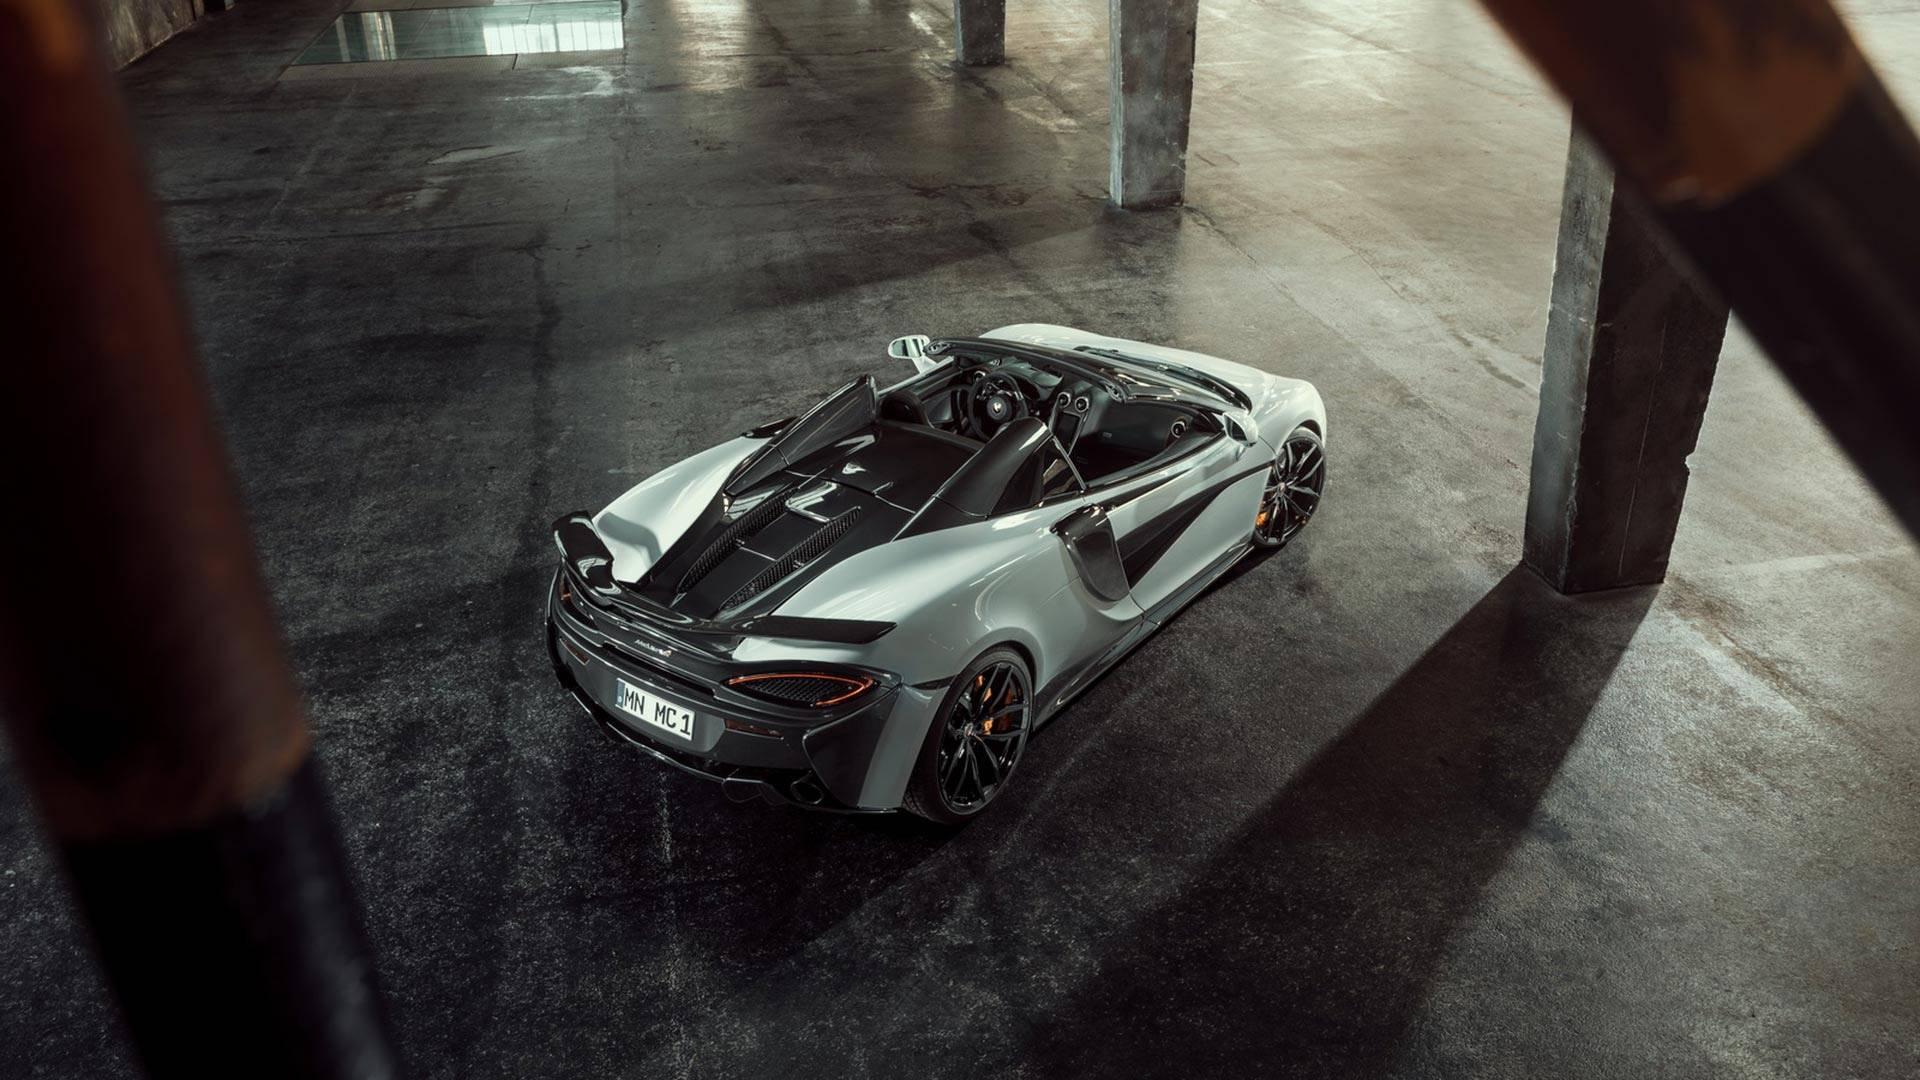 2018 NOVITEC McLaren 570S Spider Top Wallpaper (11)